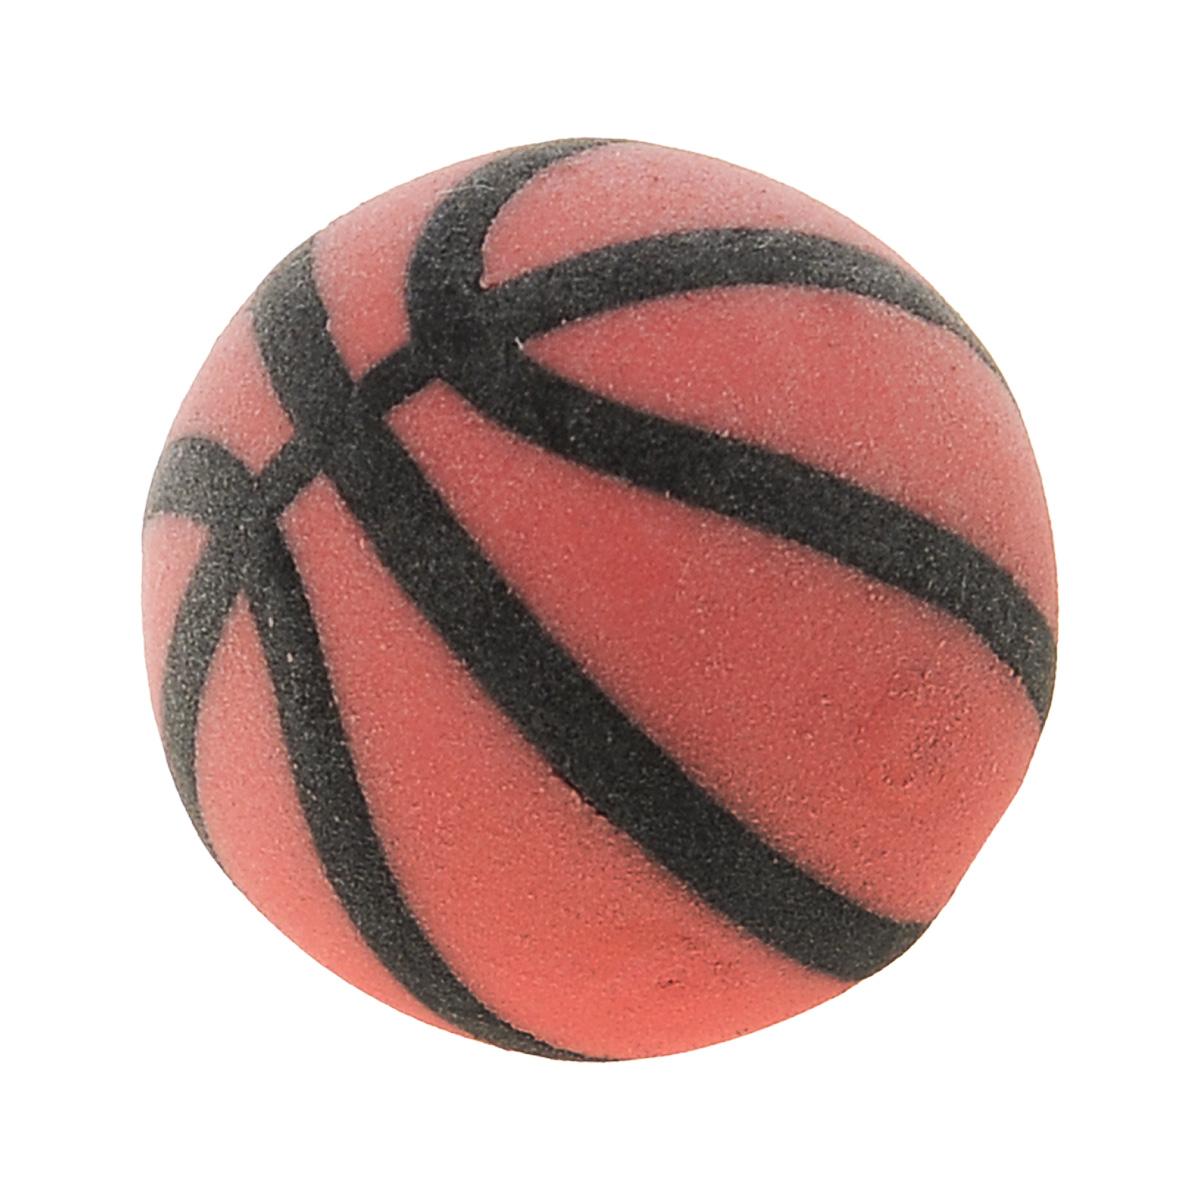 Brunnen Ластик Мяч баскетбольный, цвет: оранжевый62155_оранжевыйЛастик Мяч баскетбольный станет незаменимым аксессуаром на рабочем столе не только школьника или студента, но и офисного работника. Он легко и без следа удаляет надписи, сделанные карандашом.